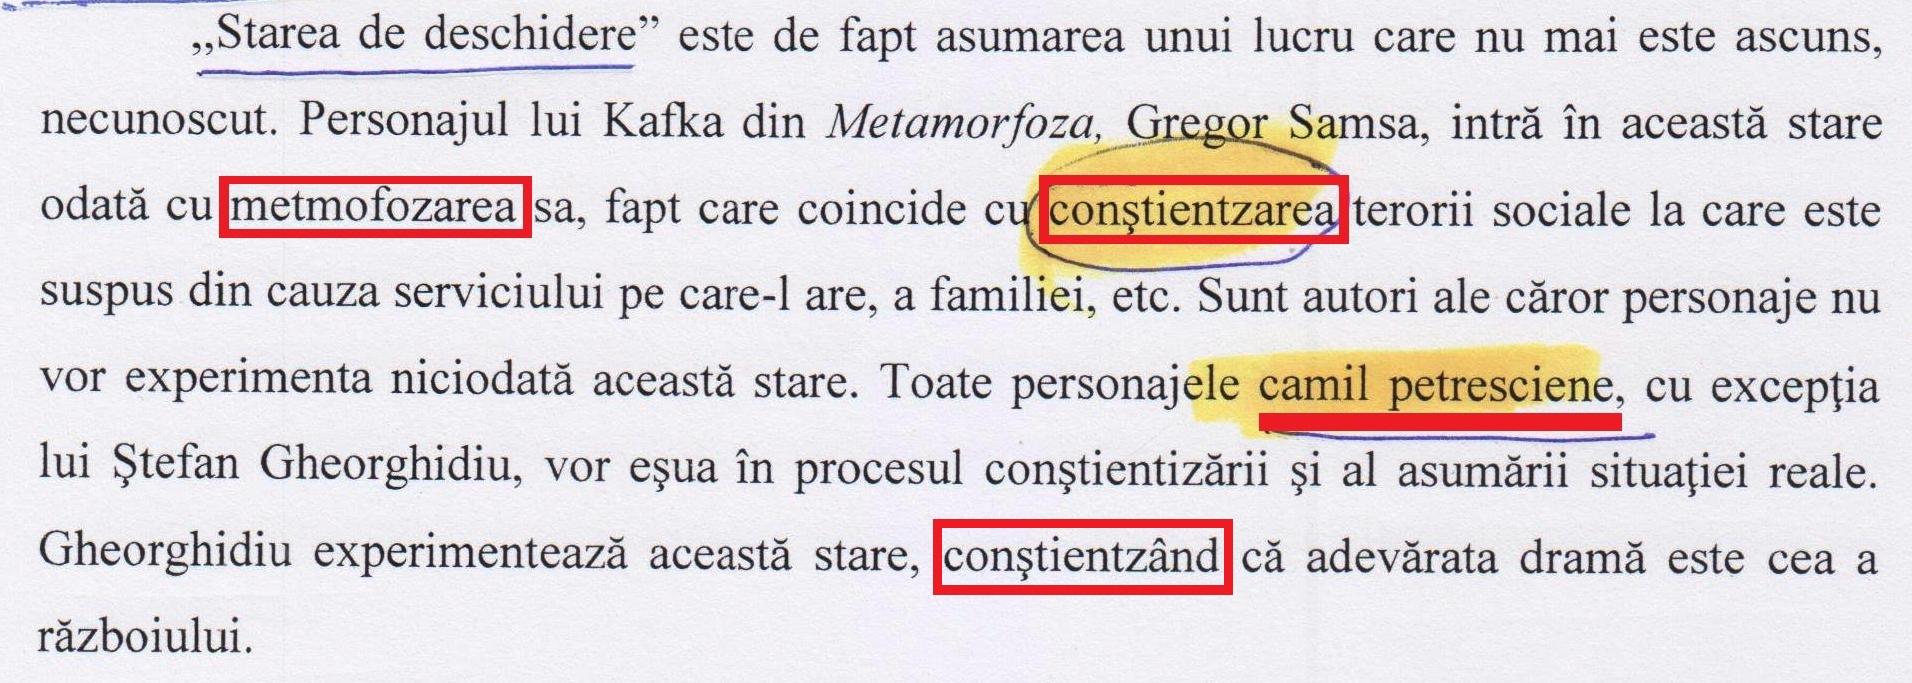 """Cum ar fi scris doctora Ciobotaru despre personajele autorului, dacă, printr-o """"metmofozare, Camil Petrescu ar fi devenit Ion Creangă! (pag. 107)."""